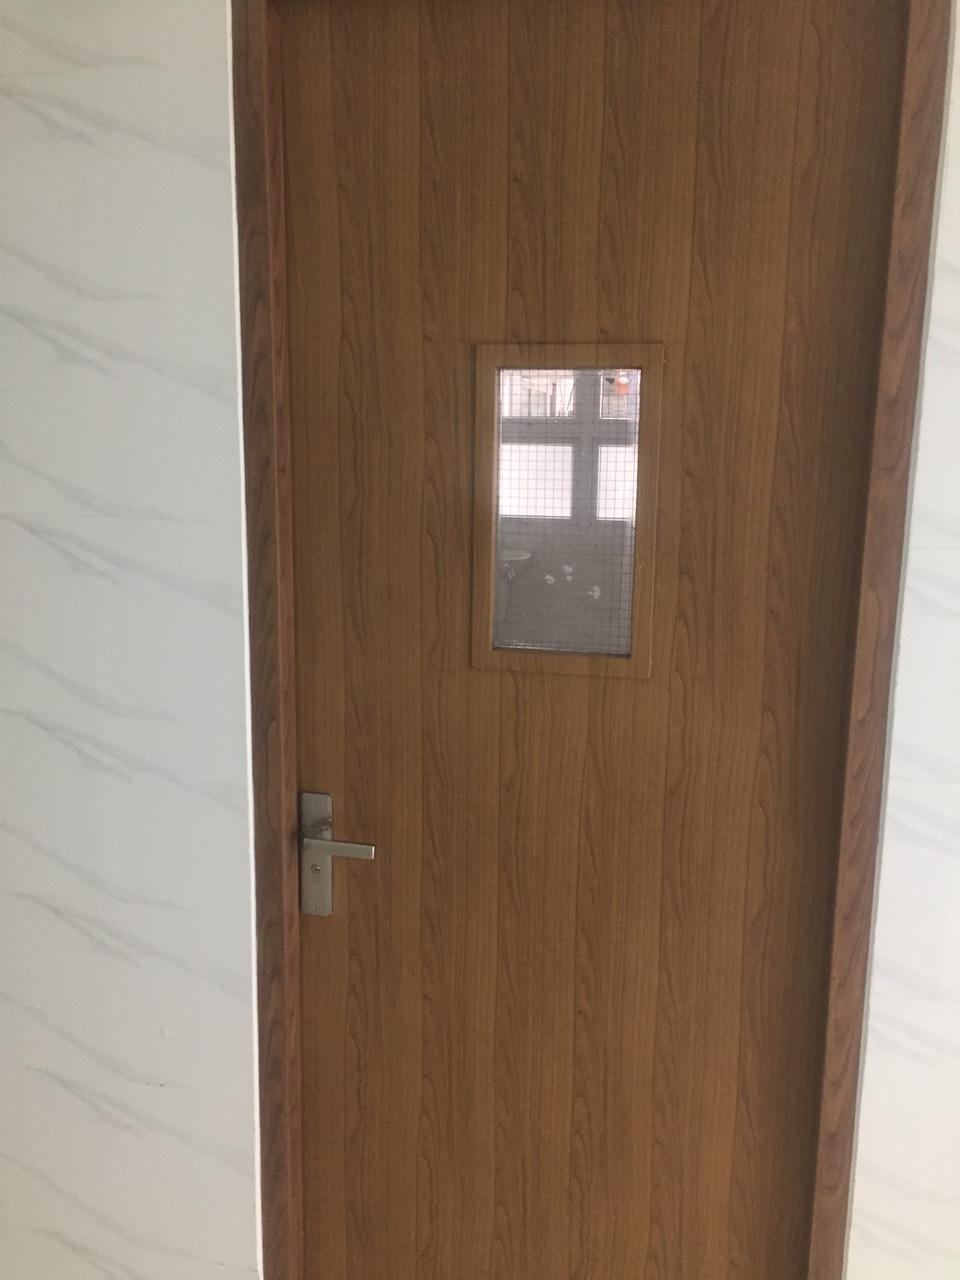 Mẫu cửa gỗ chống cháy có ô kính lưới.